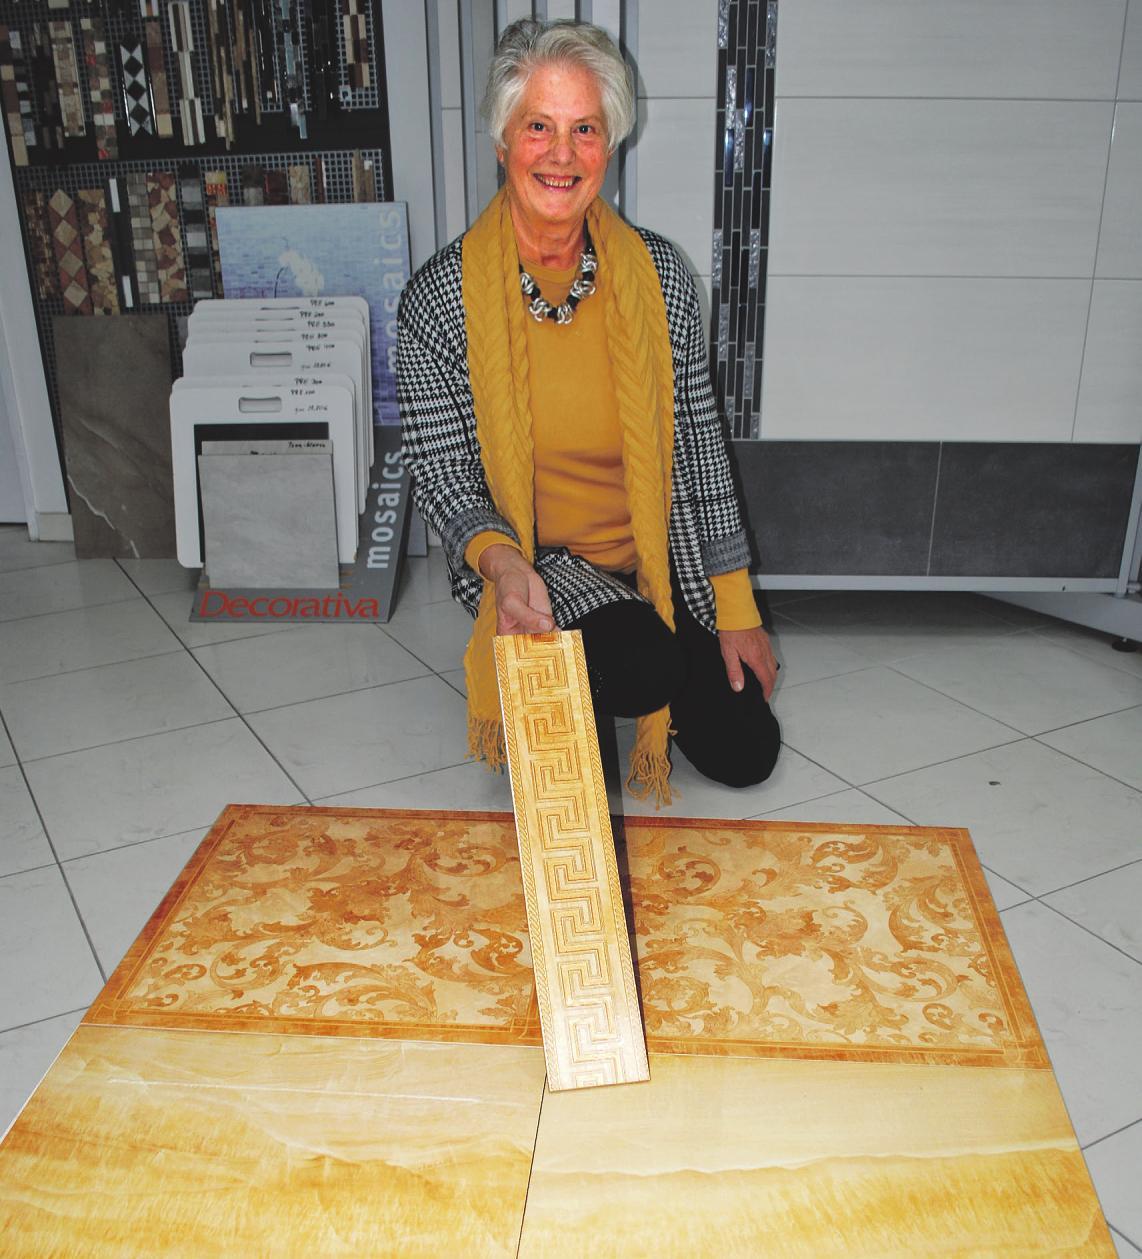 Original Versace-Fliesen, hier Modell Marble, halten Einzug in deutschen Wohnungen: Heidrun Kretzschmar kombiniert diese mit Bordüren, die mit echtem Gold verschönert wurden. Fotos: Tina Jordan